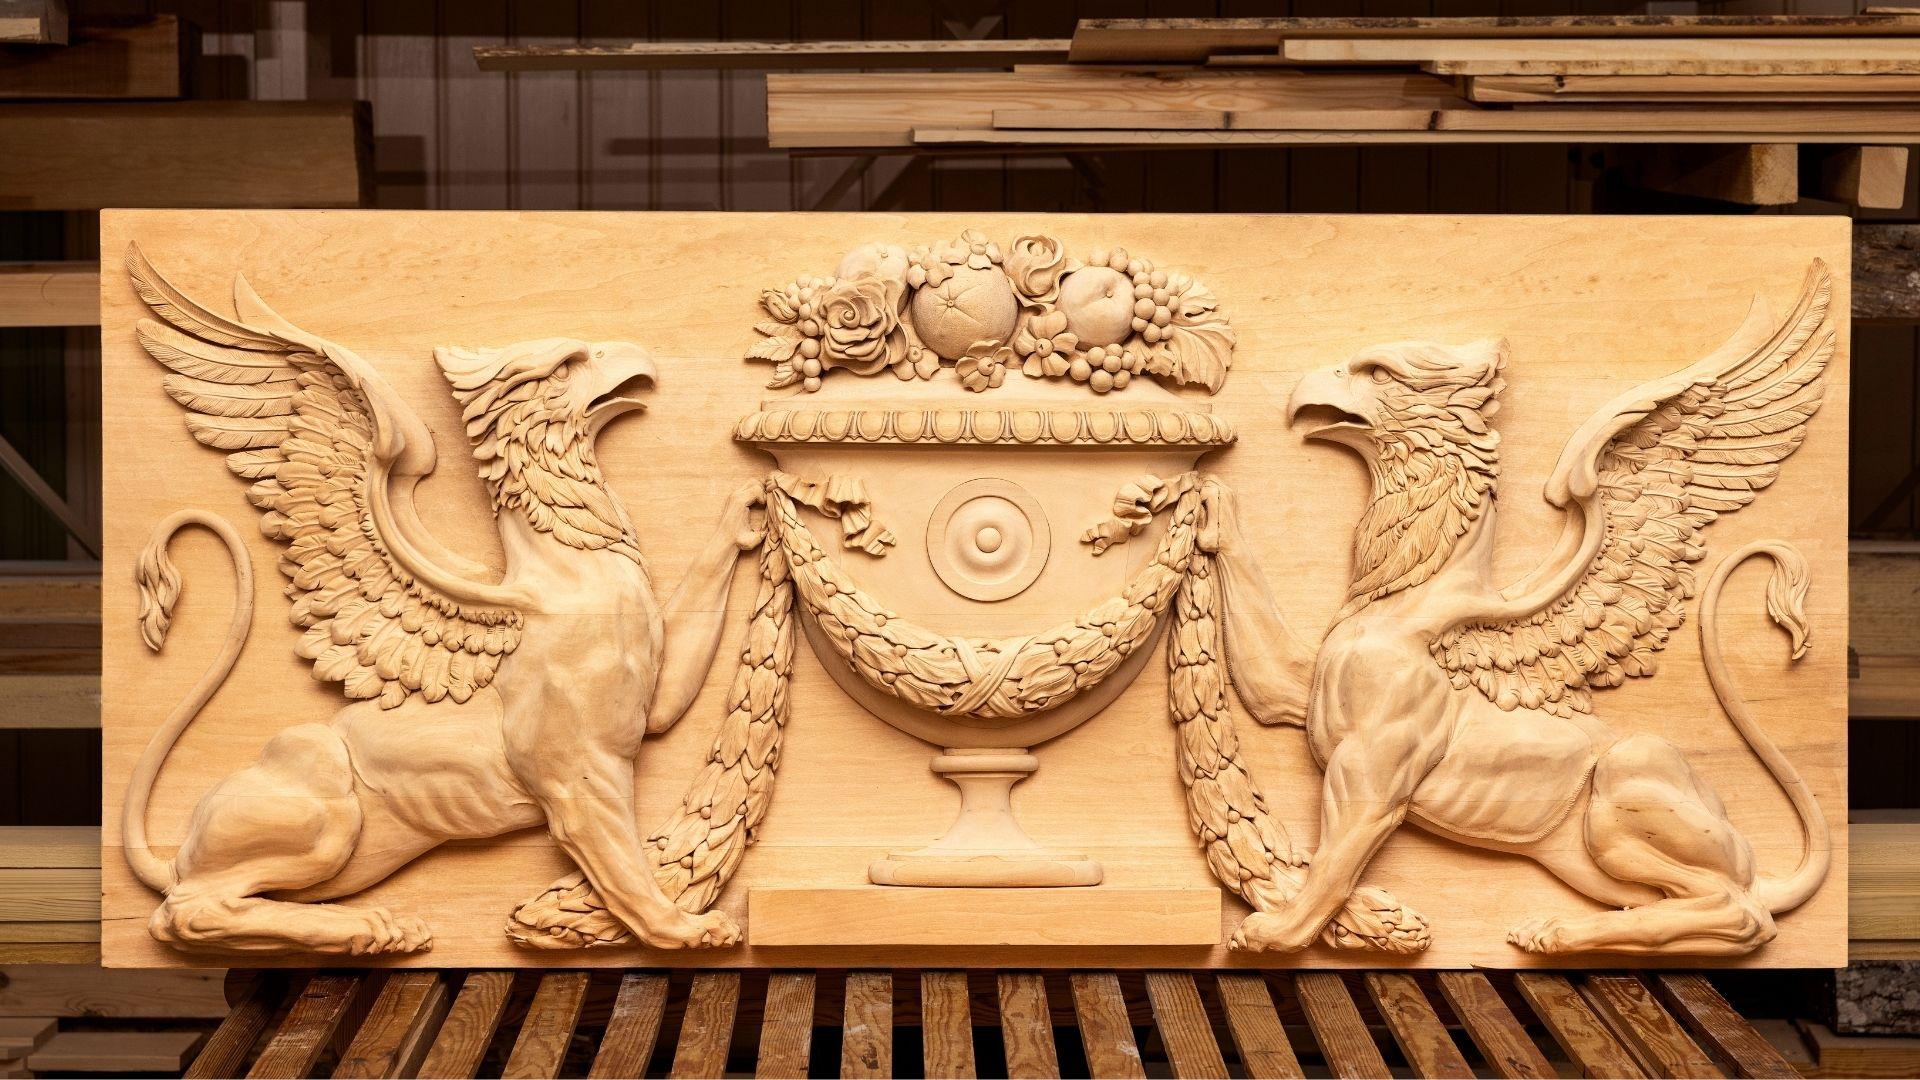 Panagiotis Mamakos gesällprov är ett ornament till Gunnebo Slott föreställande två gripar och en urna.